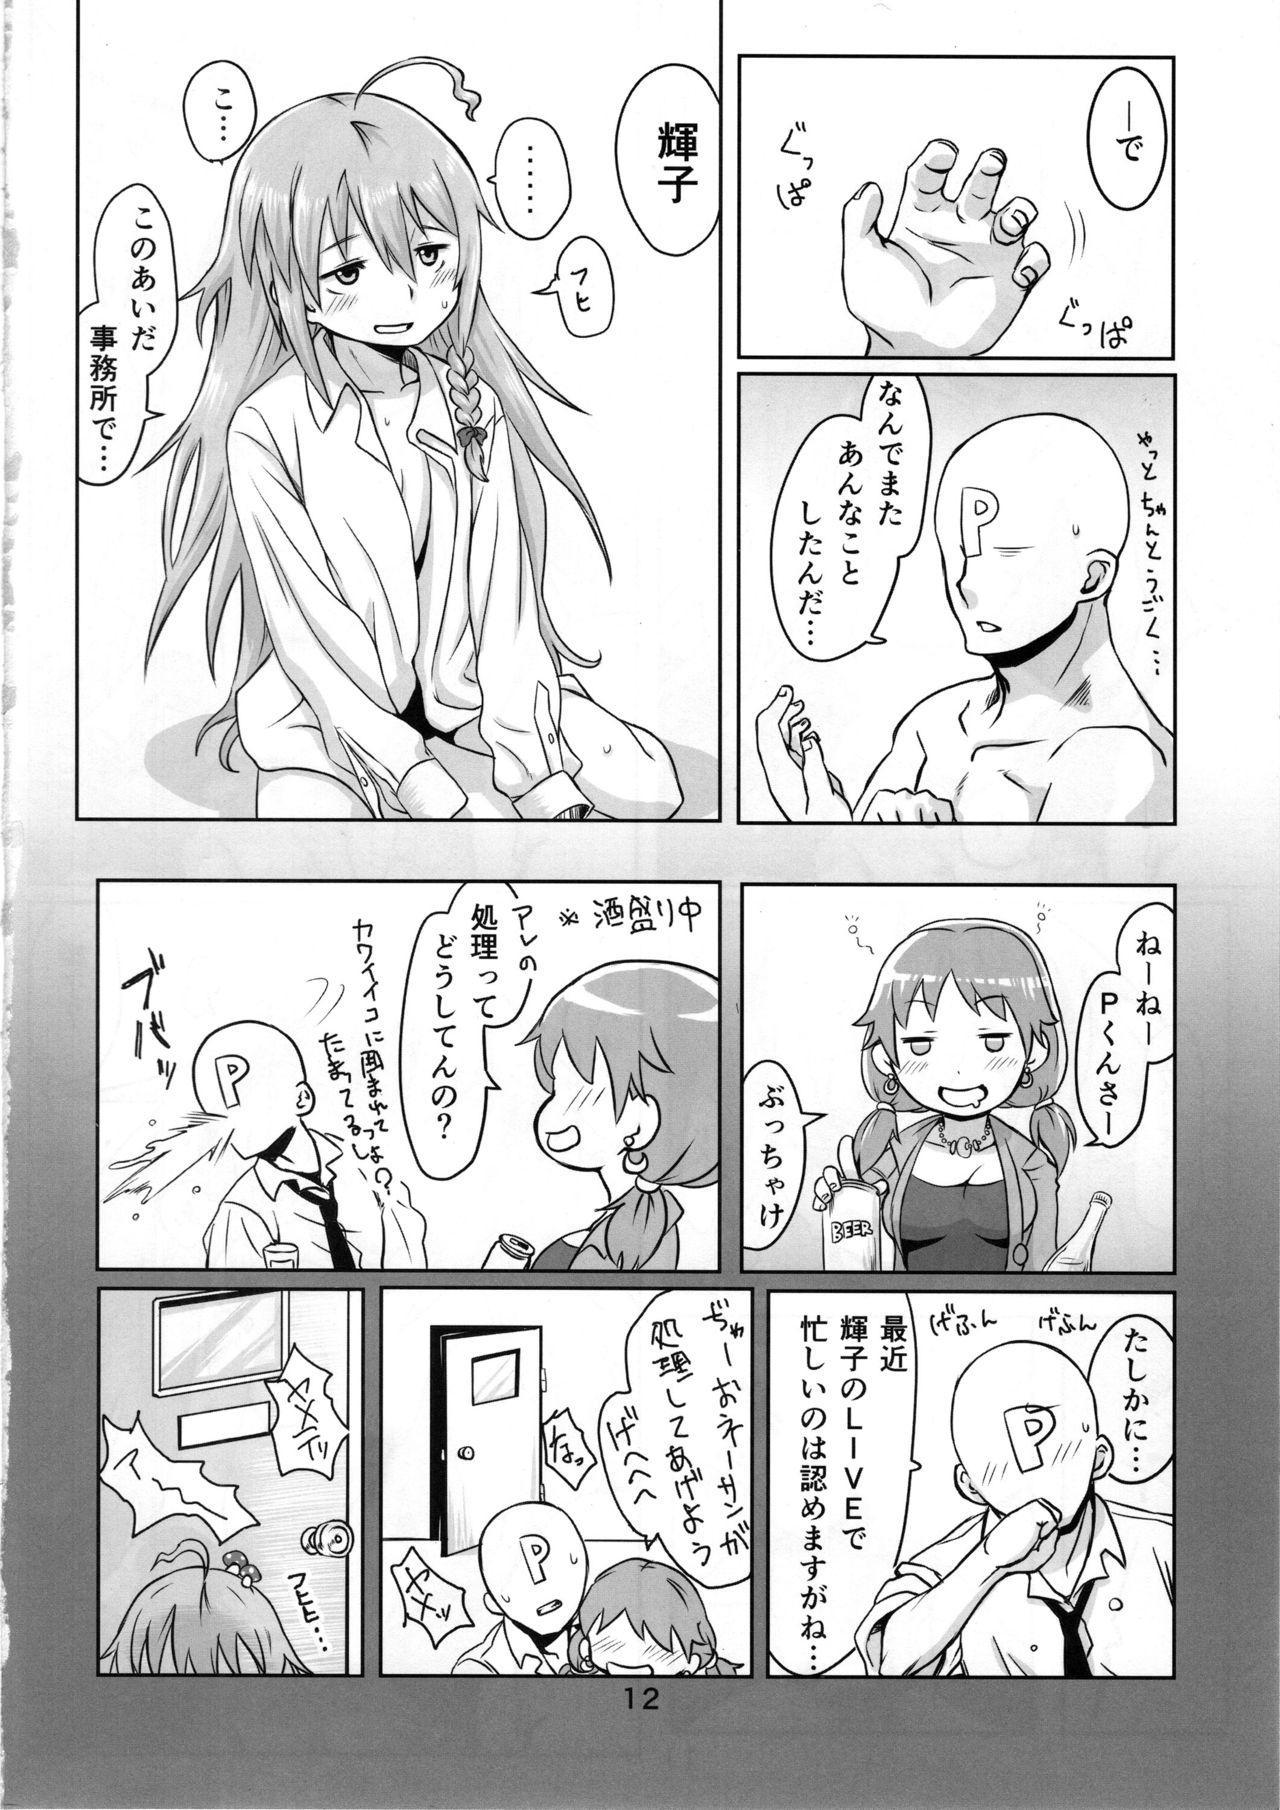 Kinoko no Houshi 12